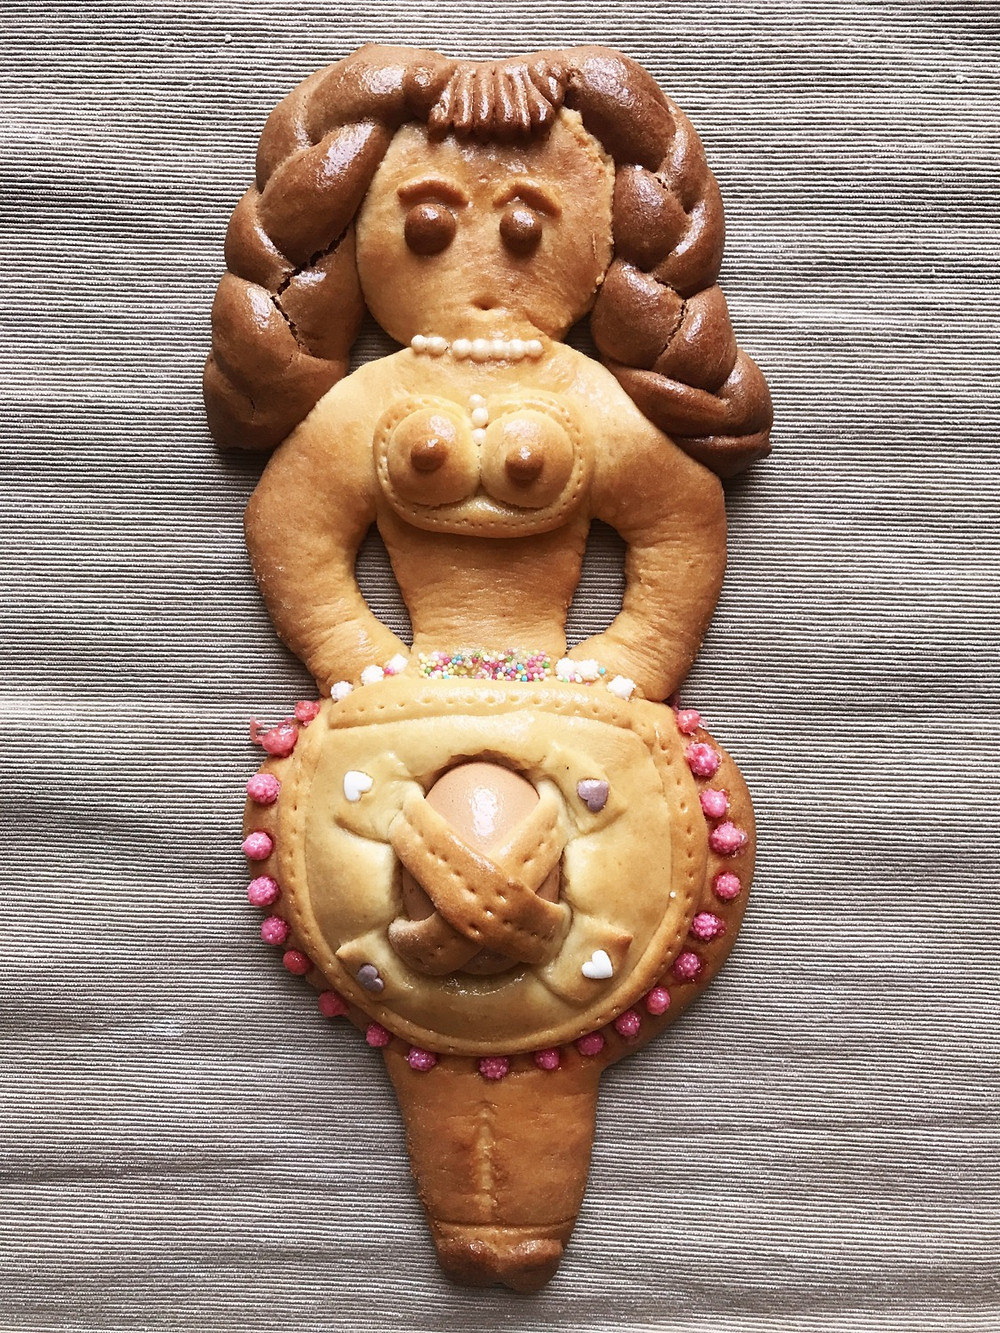 pupa abruzzese biscotto tradizione italiana pasqua